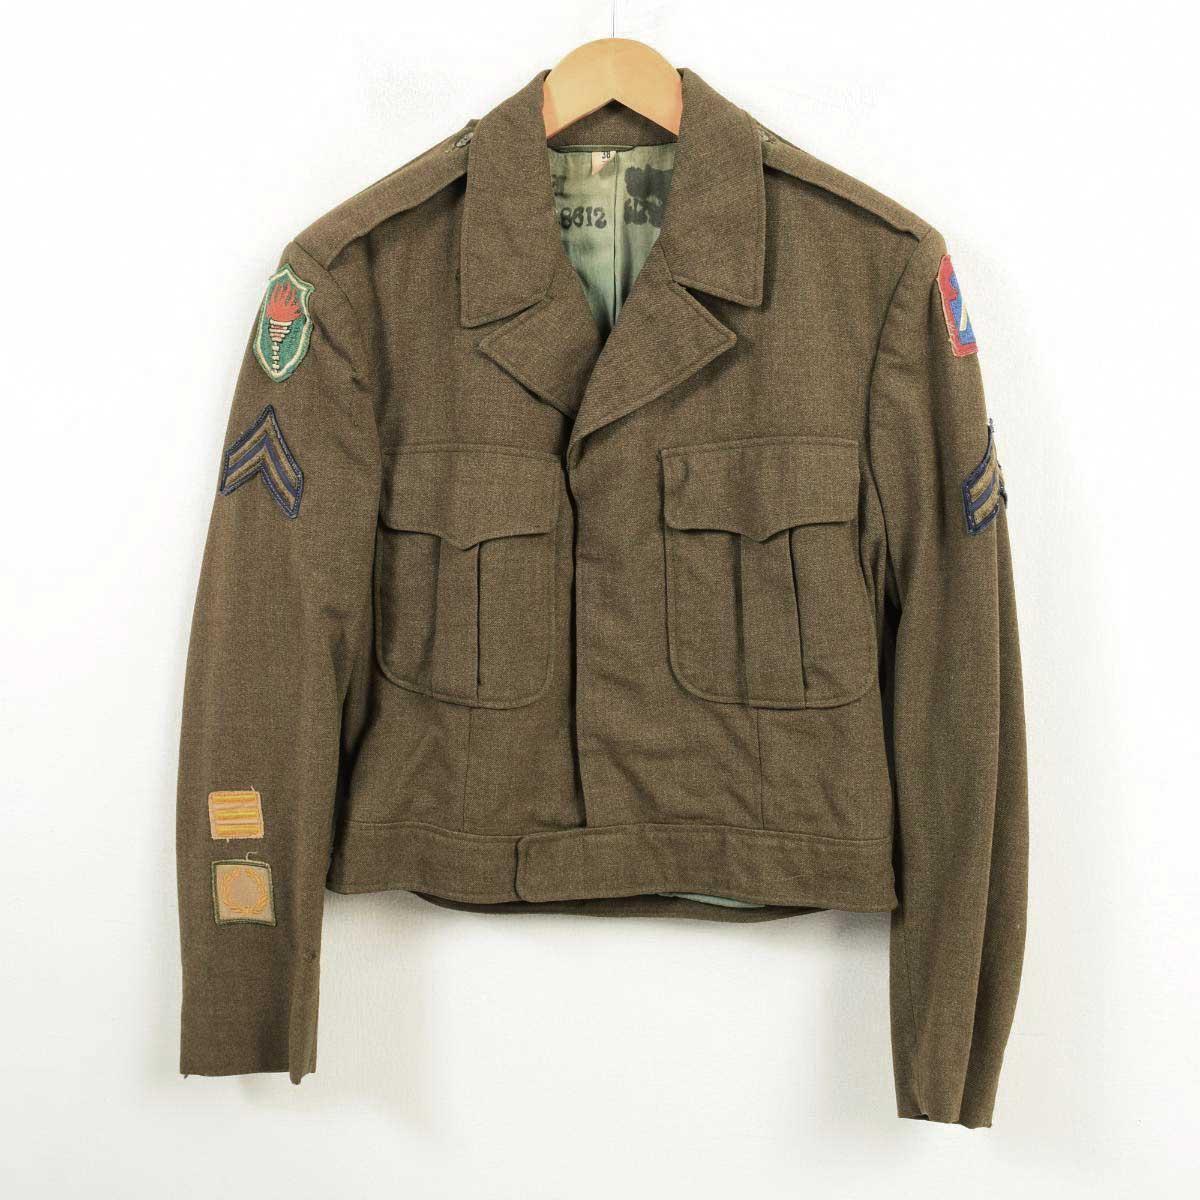 50年代 米軍実品 U.S.ARMY M-1950 アイクジャケット ミリタリー ウールフィールドジャケット USA製 38/R メンズS ヴィンテージ /wav2979 【中古】 【181026】【VTG】